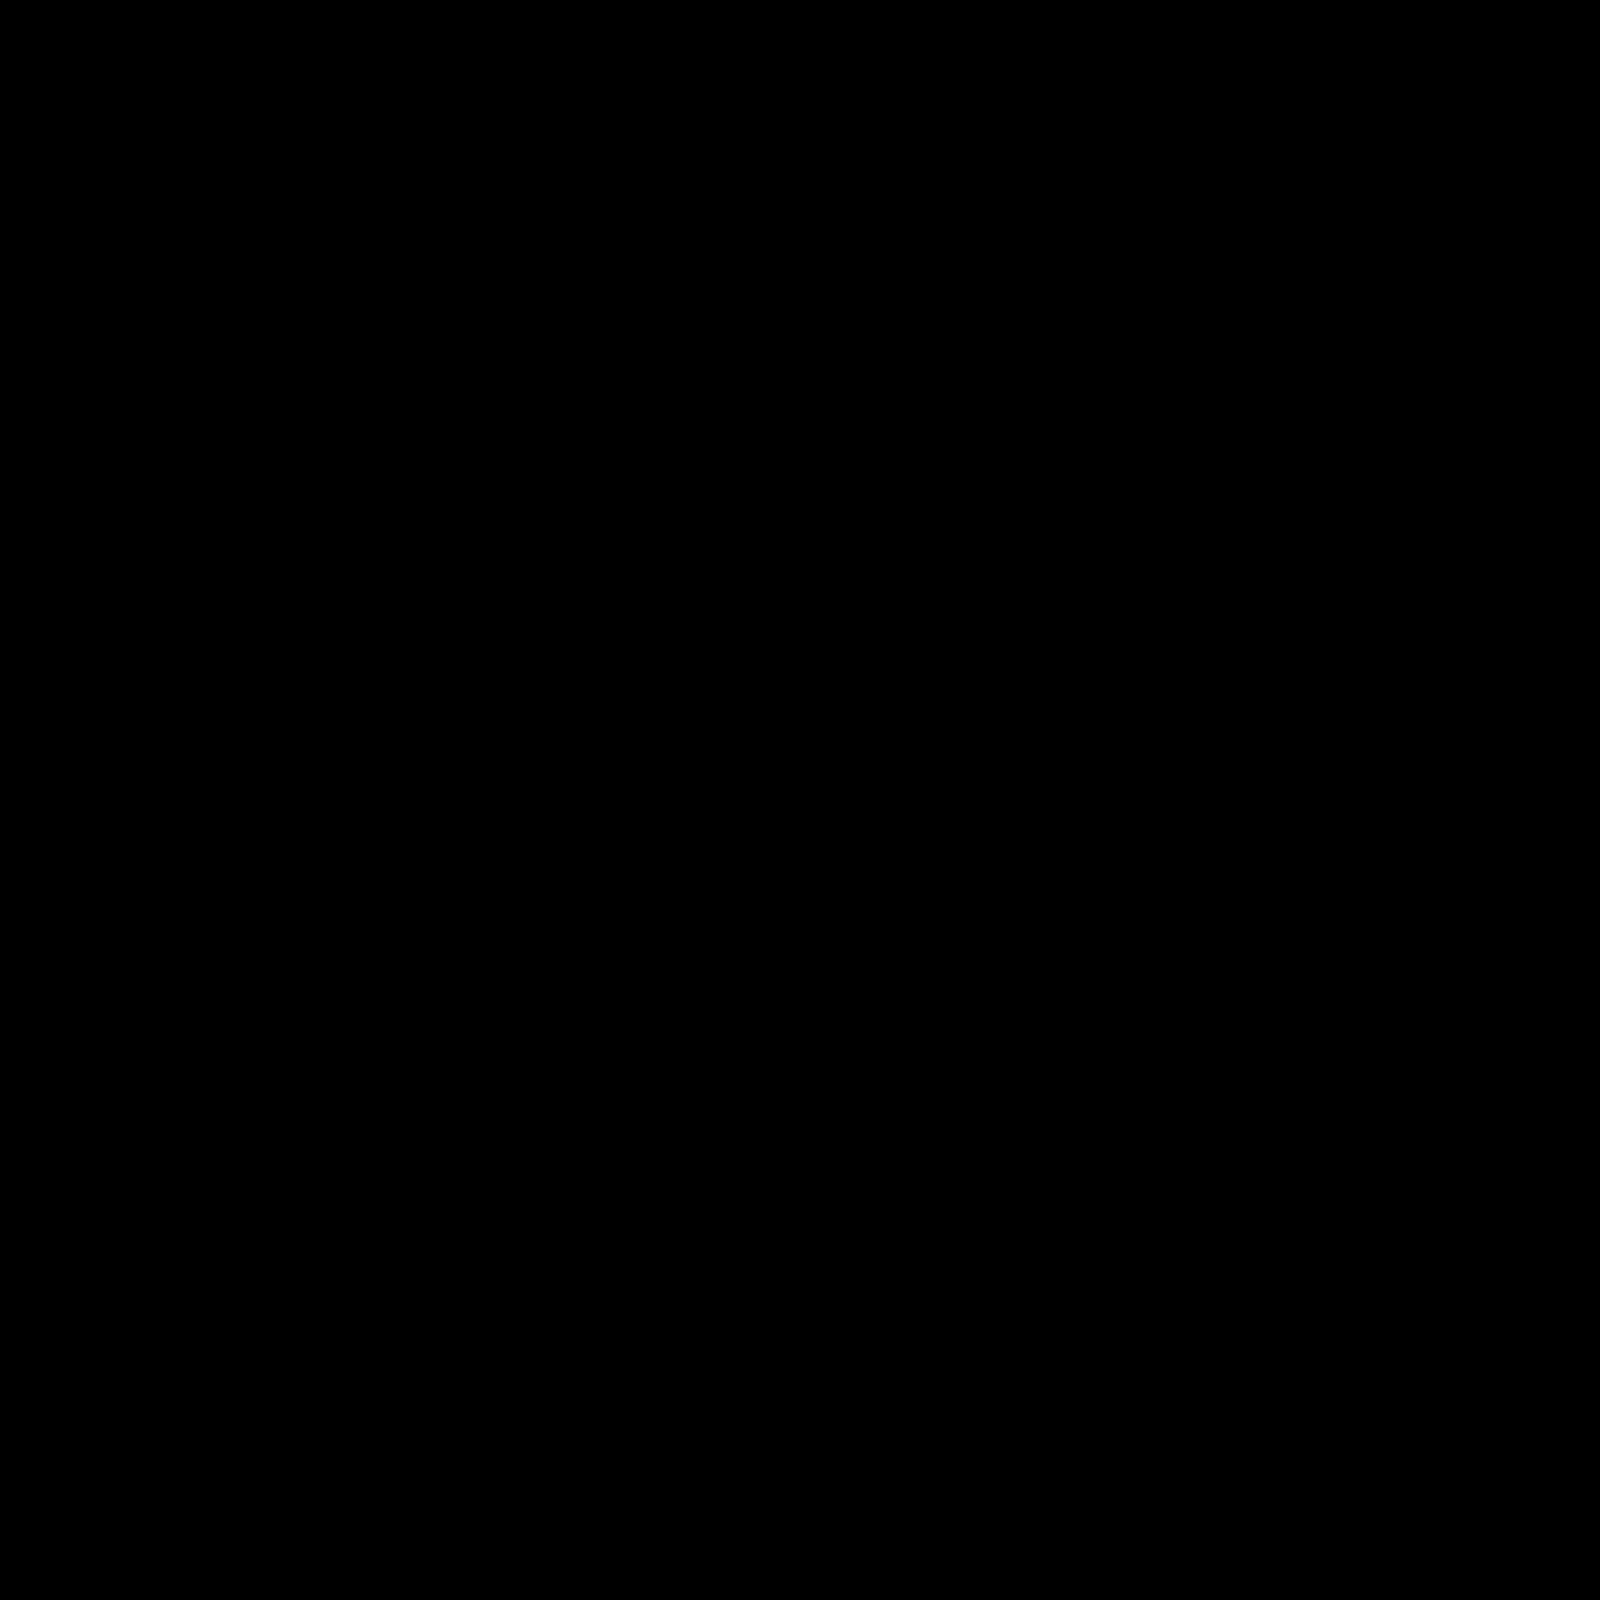 雪橇 icon